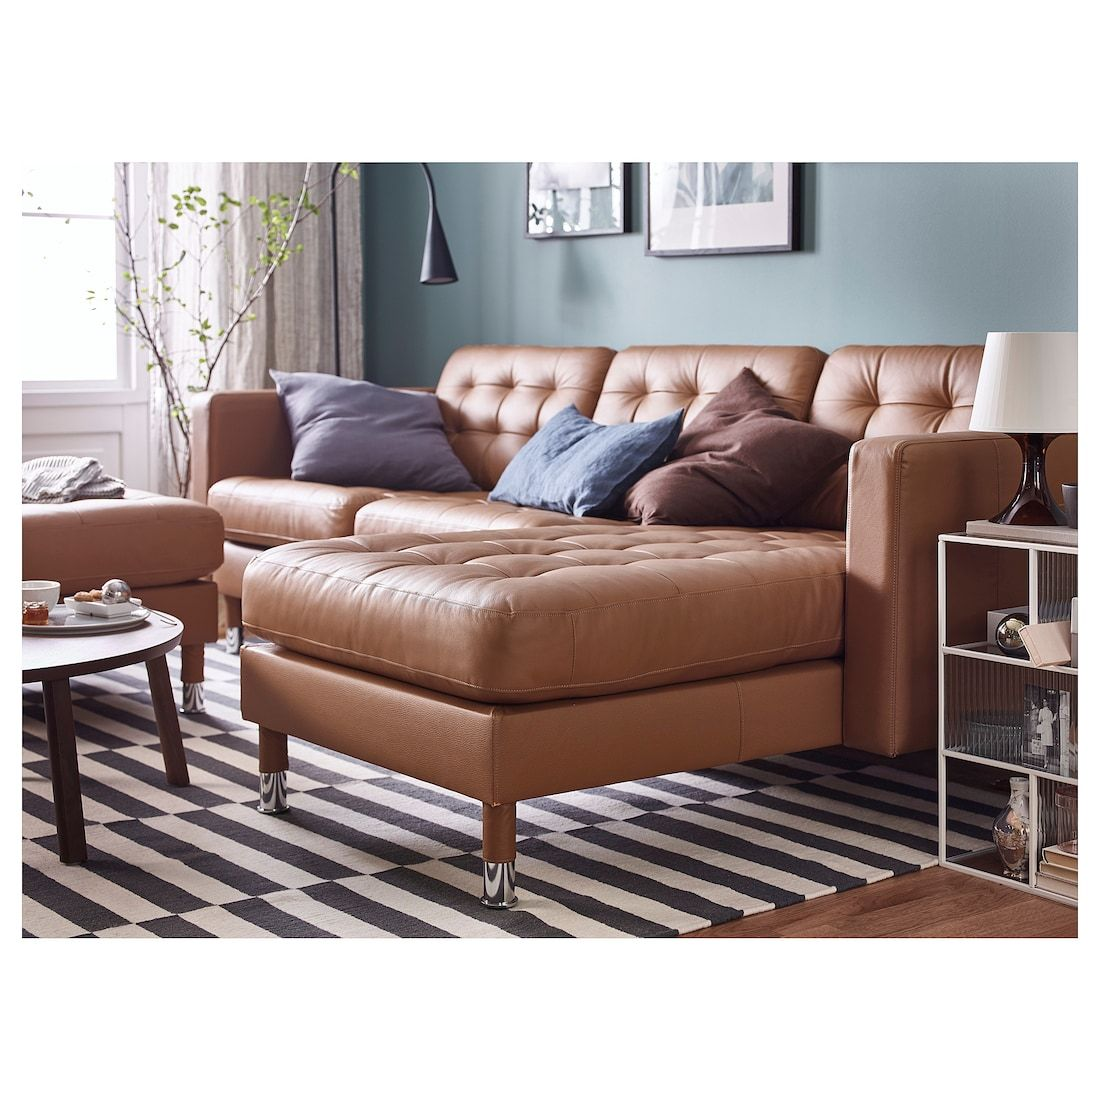 Landskrona Sofa With Chaise Grann Bomstad Golden Brown Metal Landskrona Sofa Brown Living Room Decor Brown Living Room